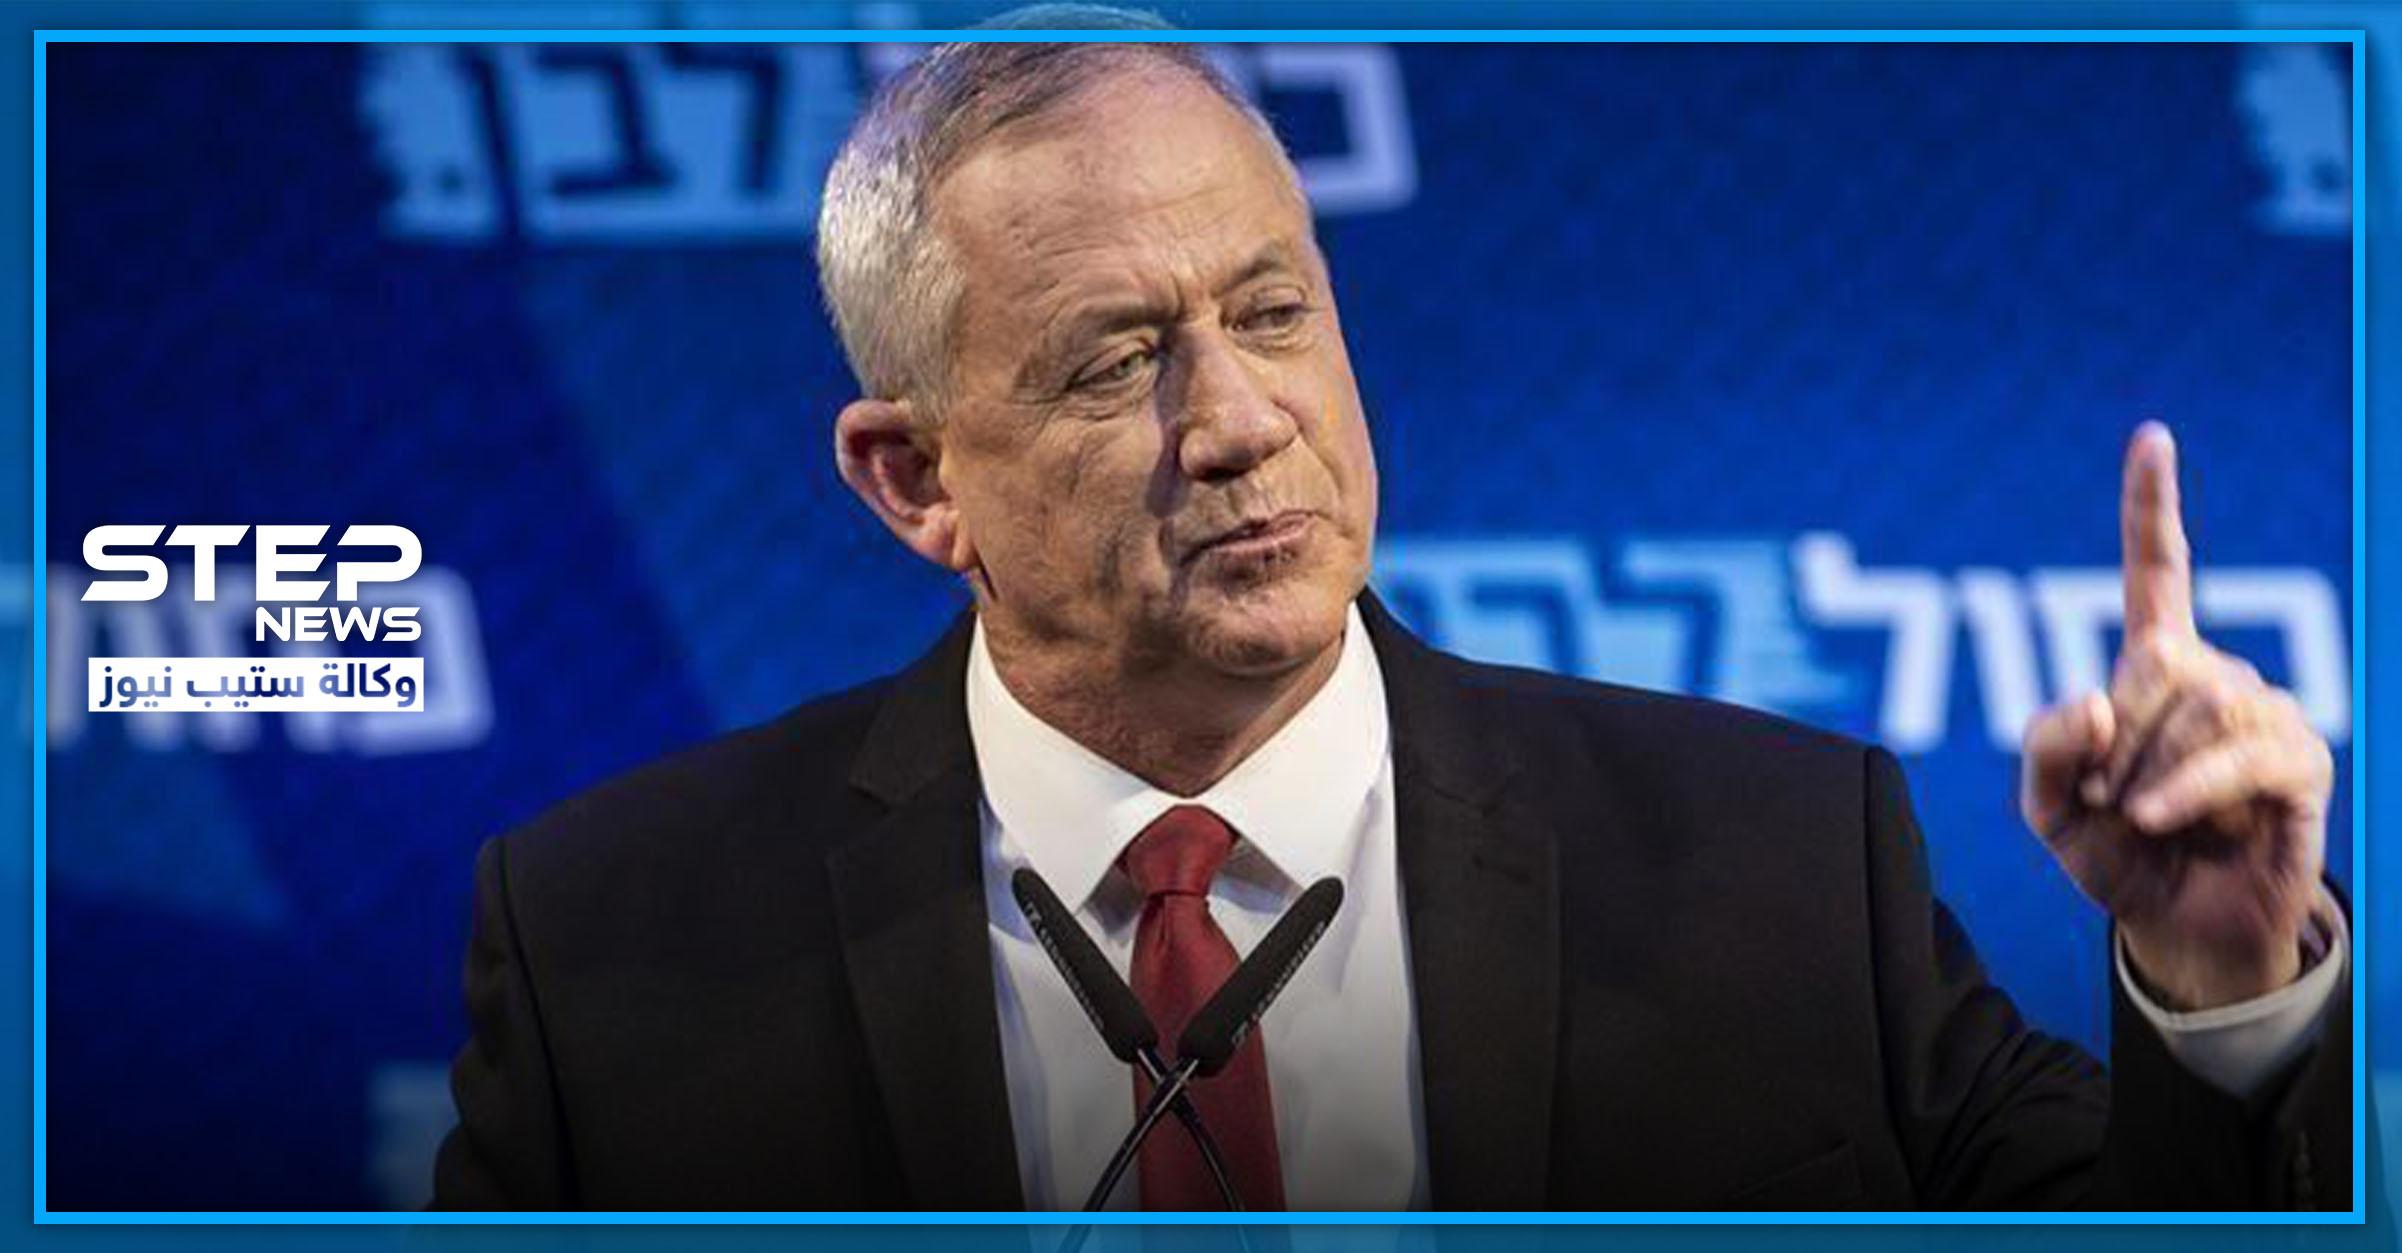 رئيس أركان الجيش الإسرائيلي وعشرات ضباط النخبة في وضعٍ حرج